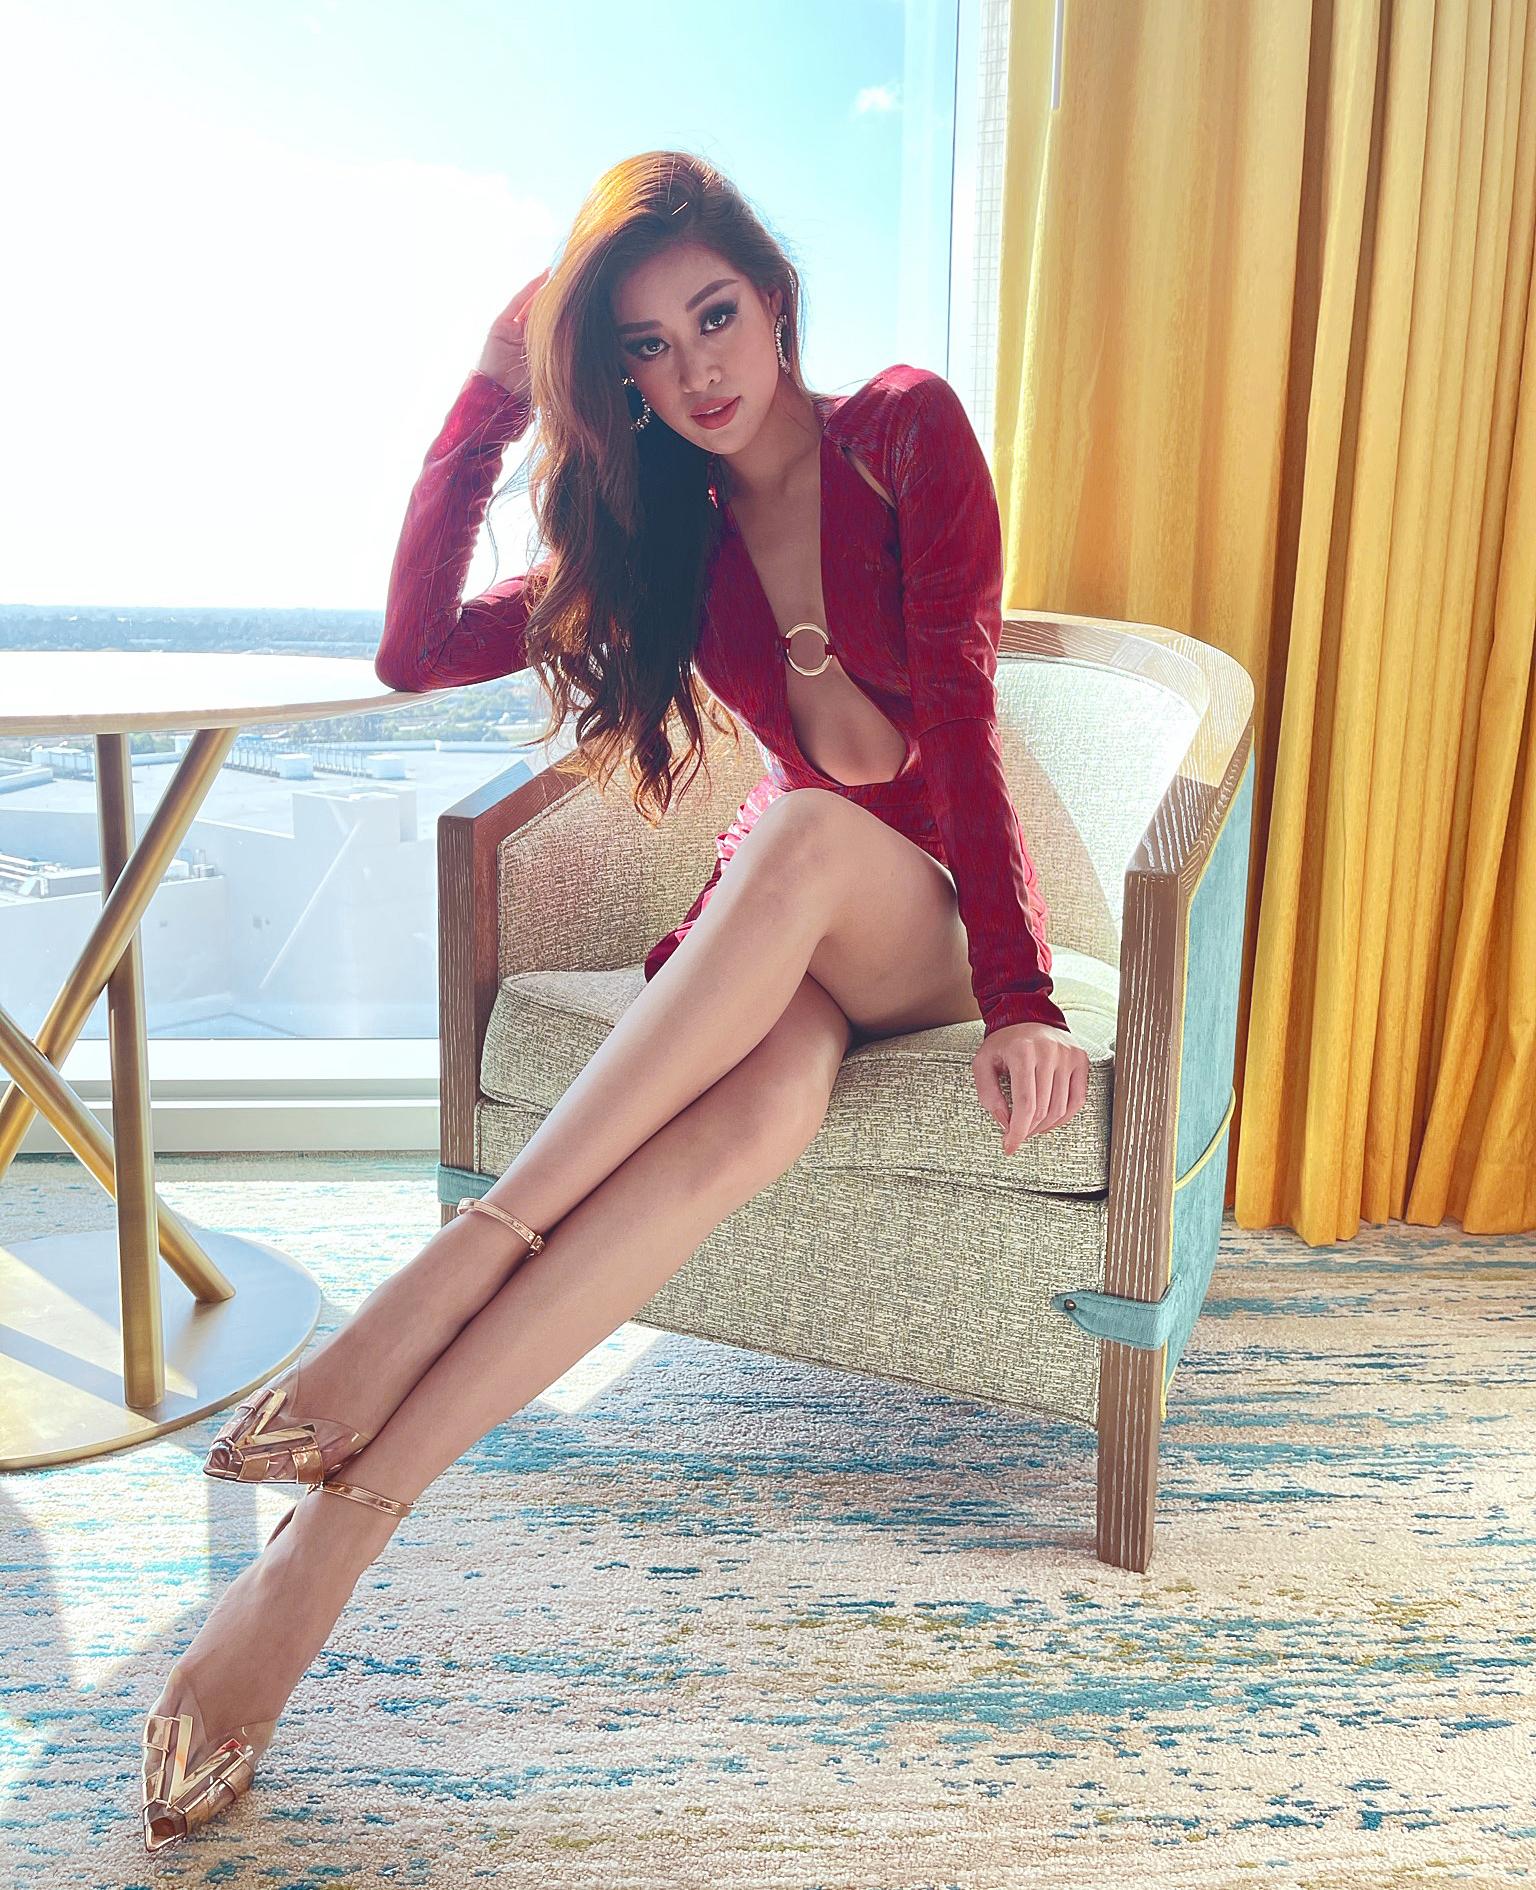 Kết hợp cùng bộ đầm, Khánh Vân đi giày có chữ V - chữ cái đầu của tên cô và quê nhà Việt Nam. Bộ cánh nhận được nhiều lời khen ngợi vì rất sexy và nổi bật.